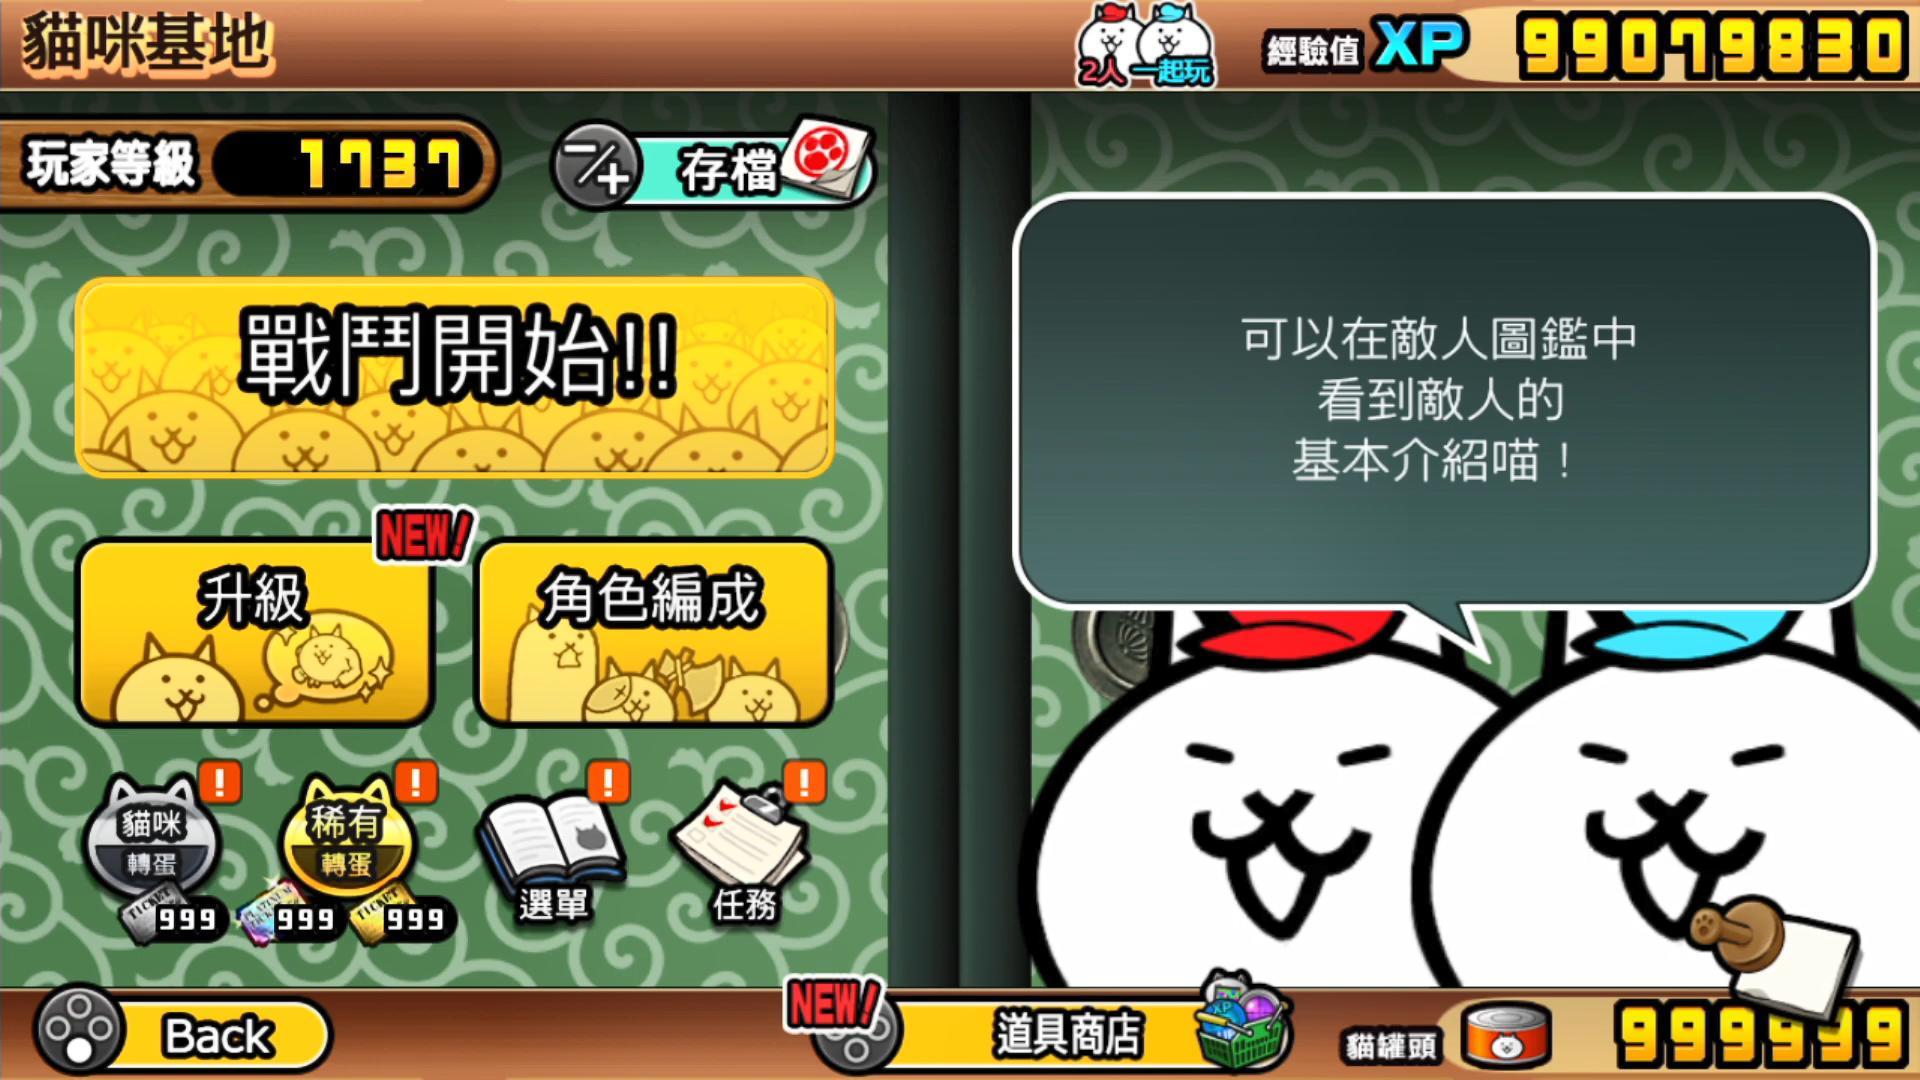 《两人一起!猫咪大战争》多模式实机演示 12月9日发售插图7